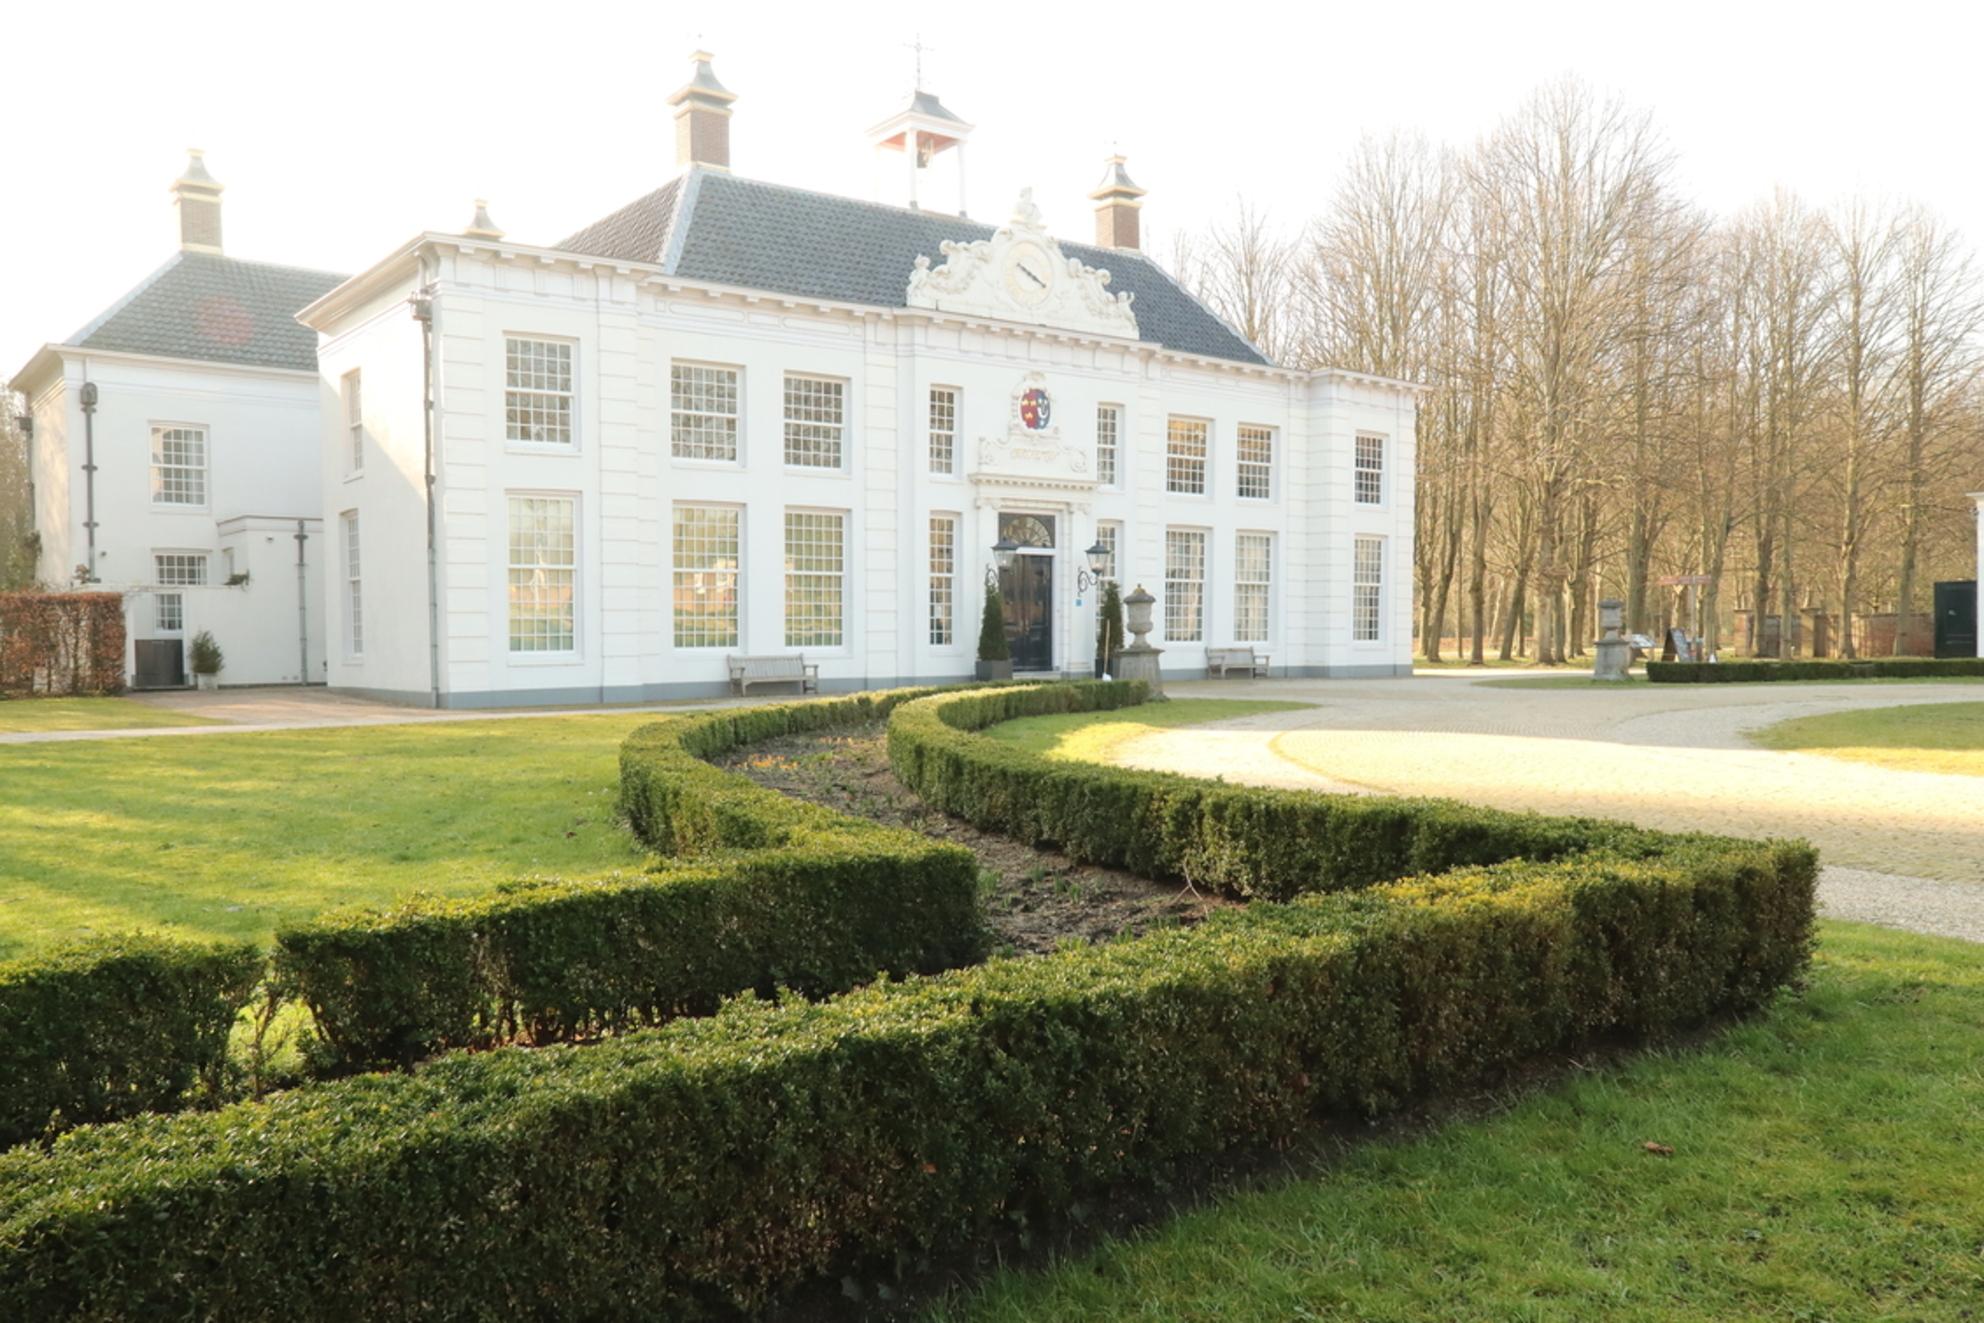 beeckenstijn - beeckenstijn velsen zuid - foto door Mooiefotosmaken123 op 02-03-2021 - Deze foto mag gebruikt worden in een Zoom.nl publicatie